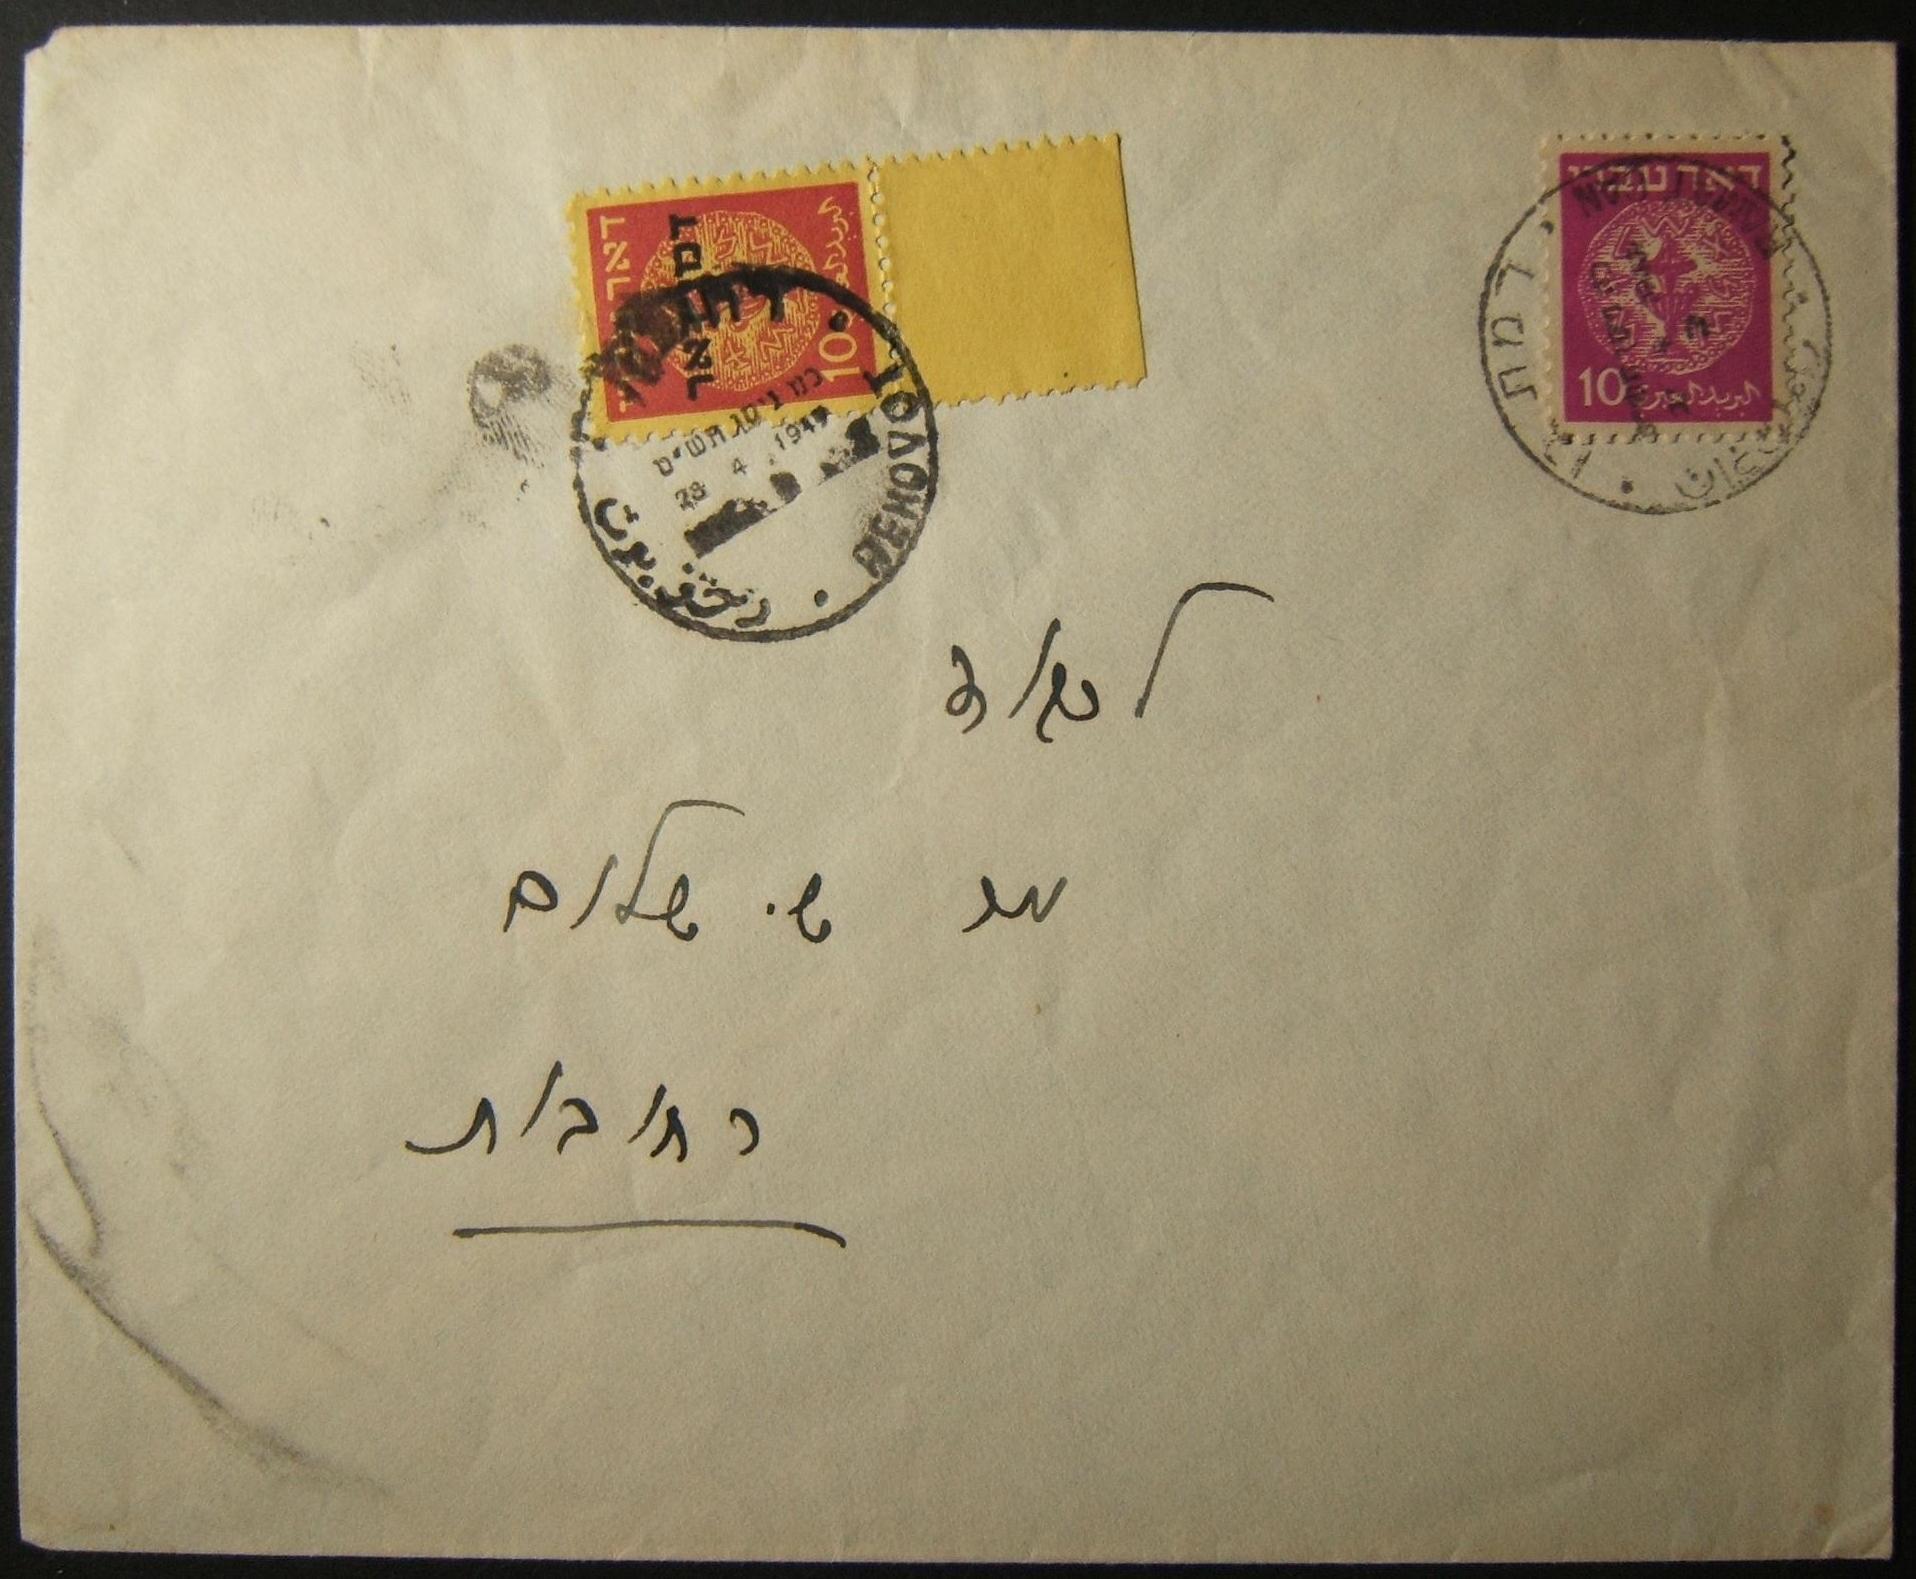 4/1949 رمات غان إلى رحوفوت غير المصرح به بالبريد الخاضع للضريبة باستخدام طوابع بريد TABBED